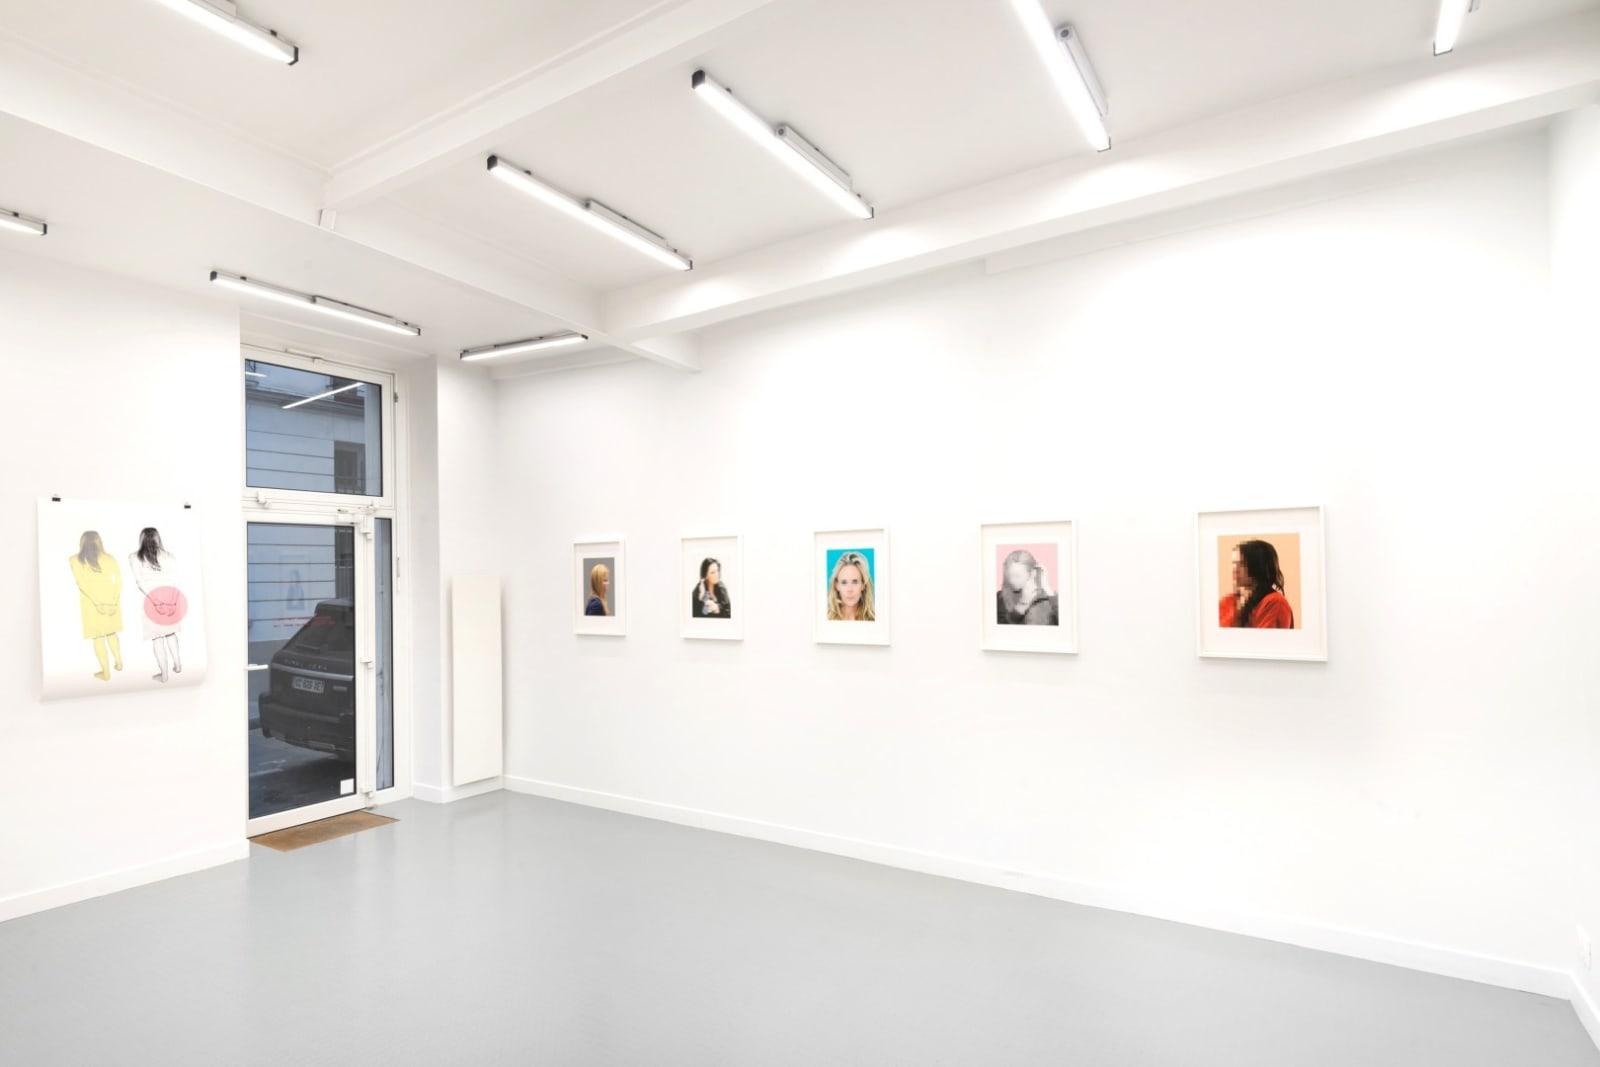 Annika von Hausswolff Installation view at Andréhn-Schiptjenko, Paris, France, 2020